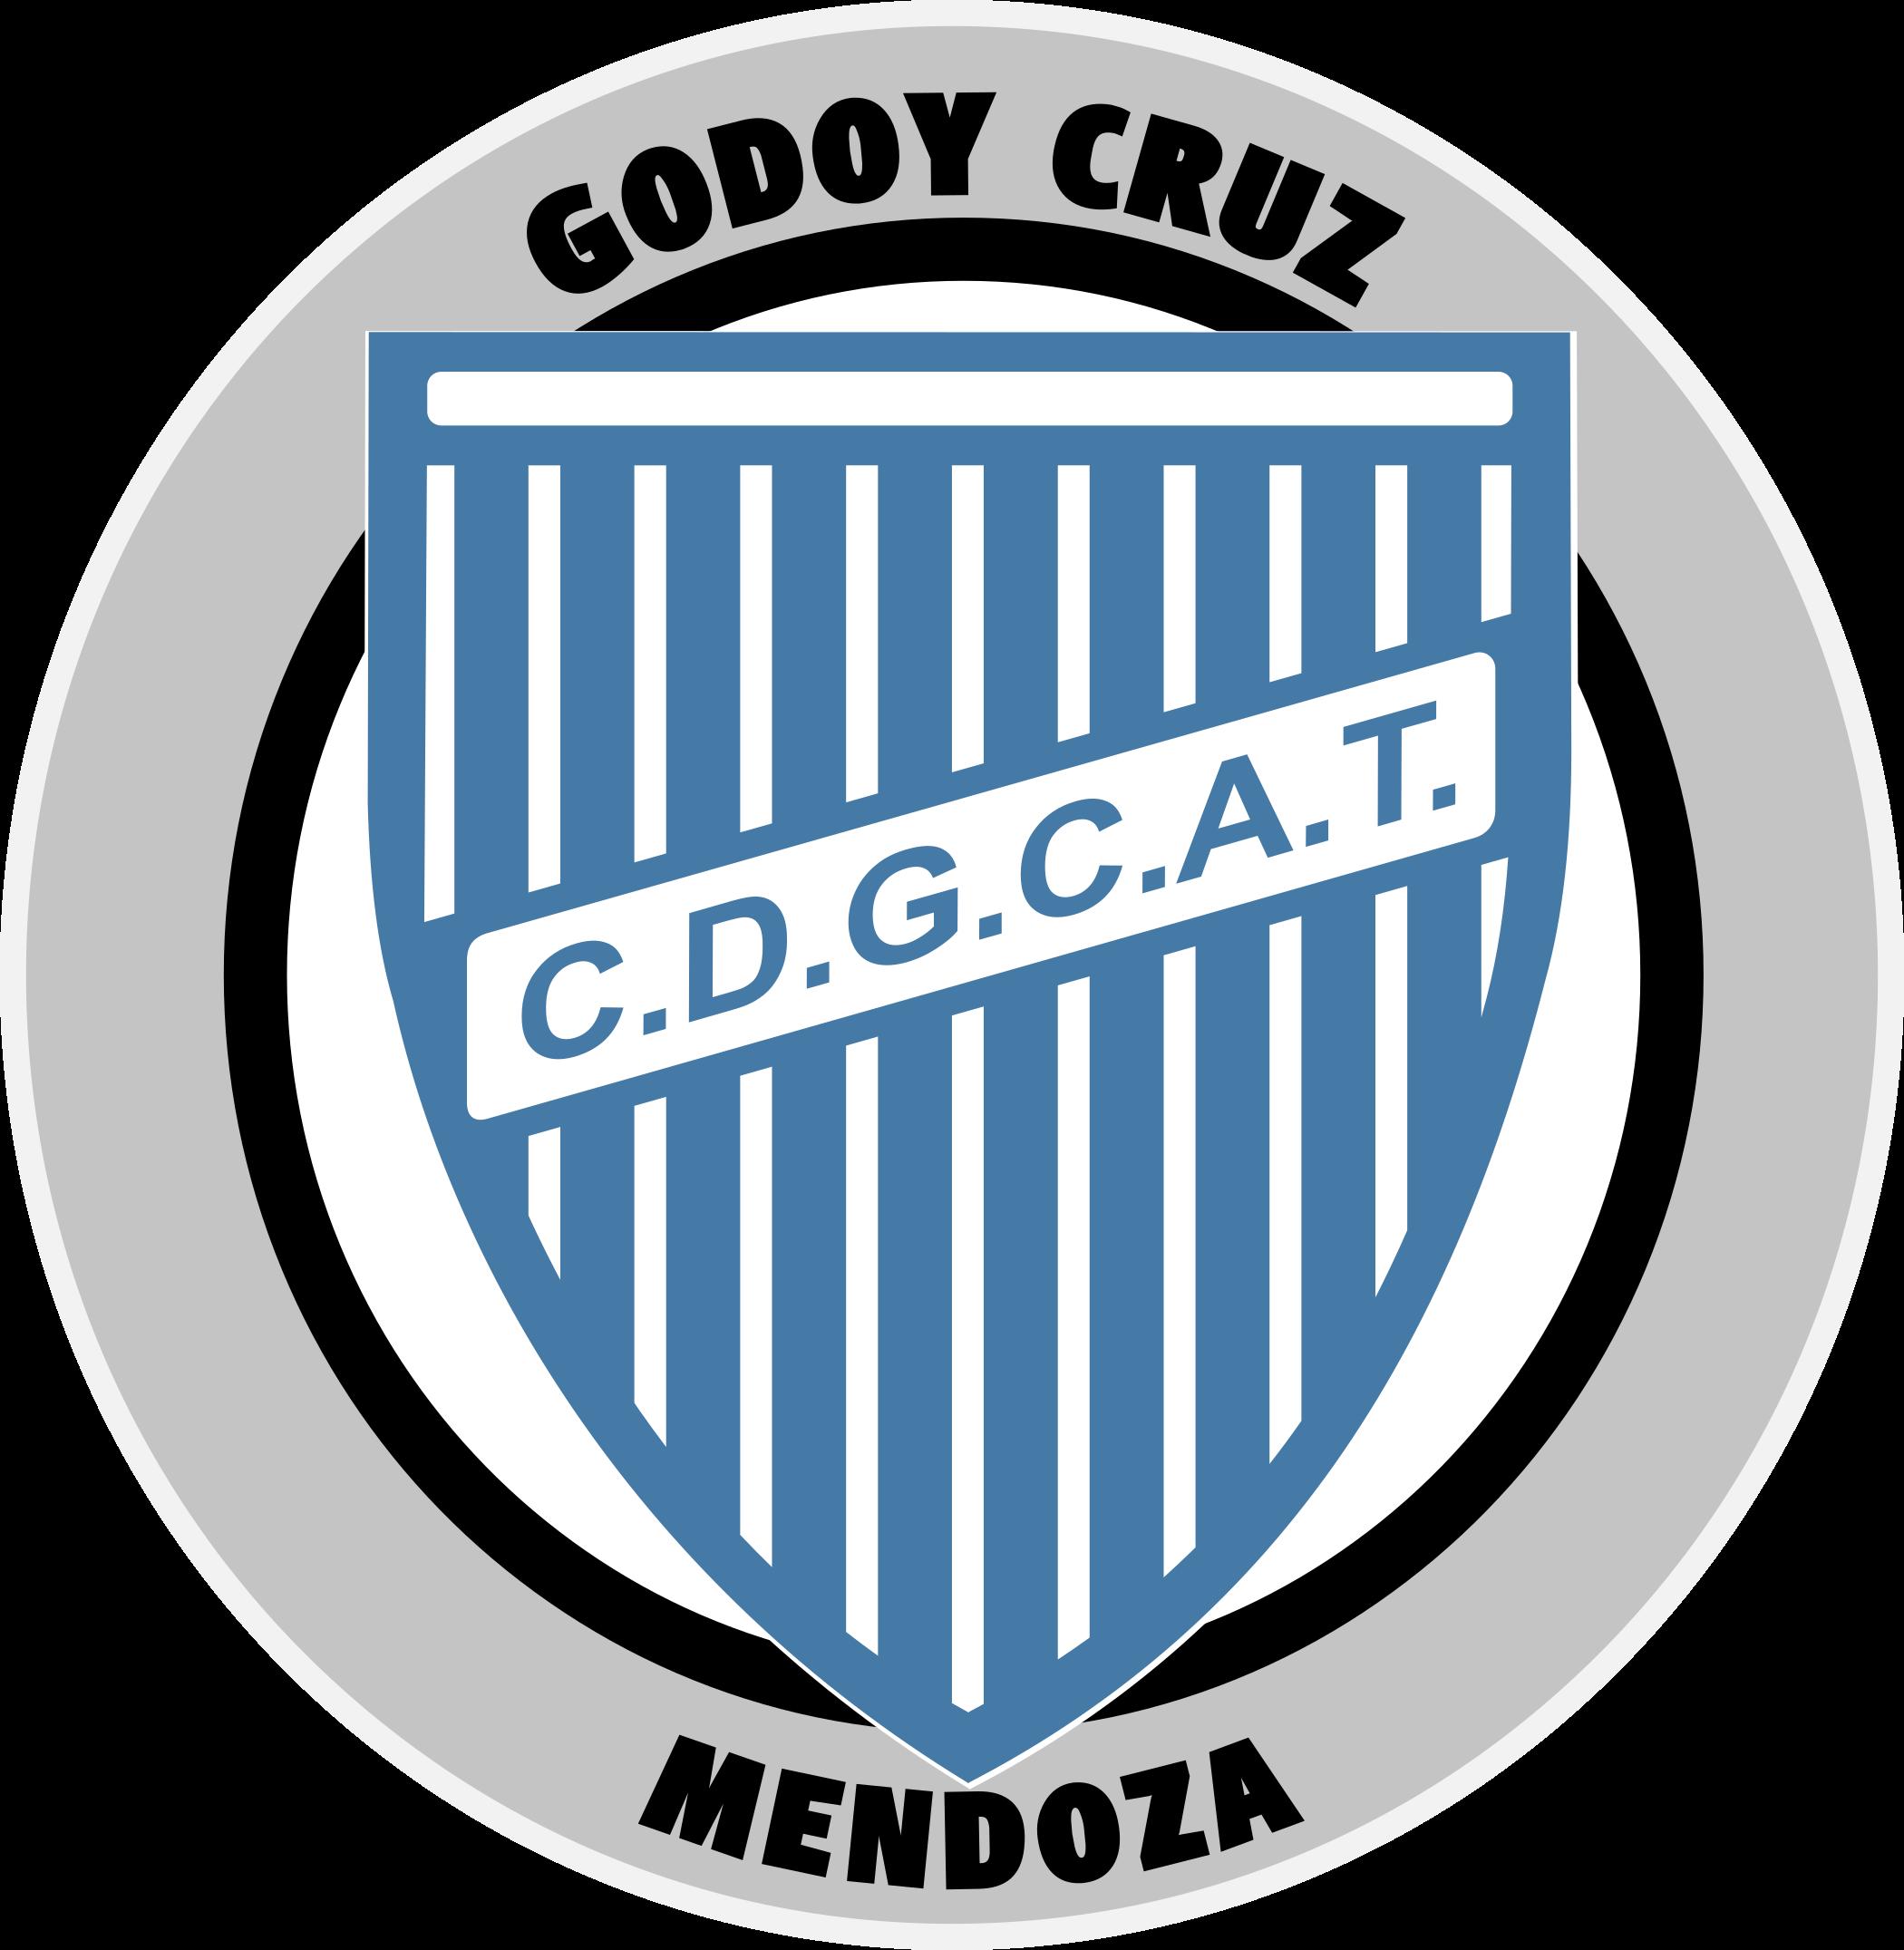 godoy cruz logo escudo 1 - Godoy Cruz Logo